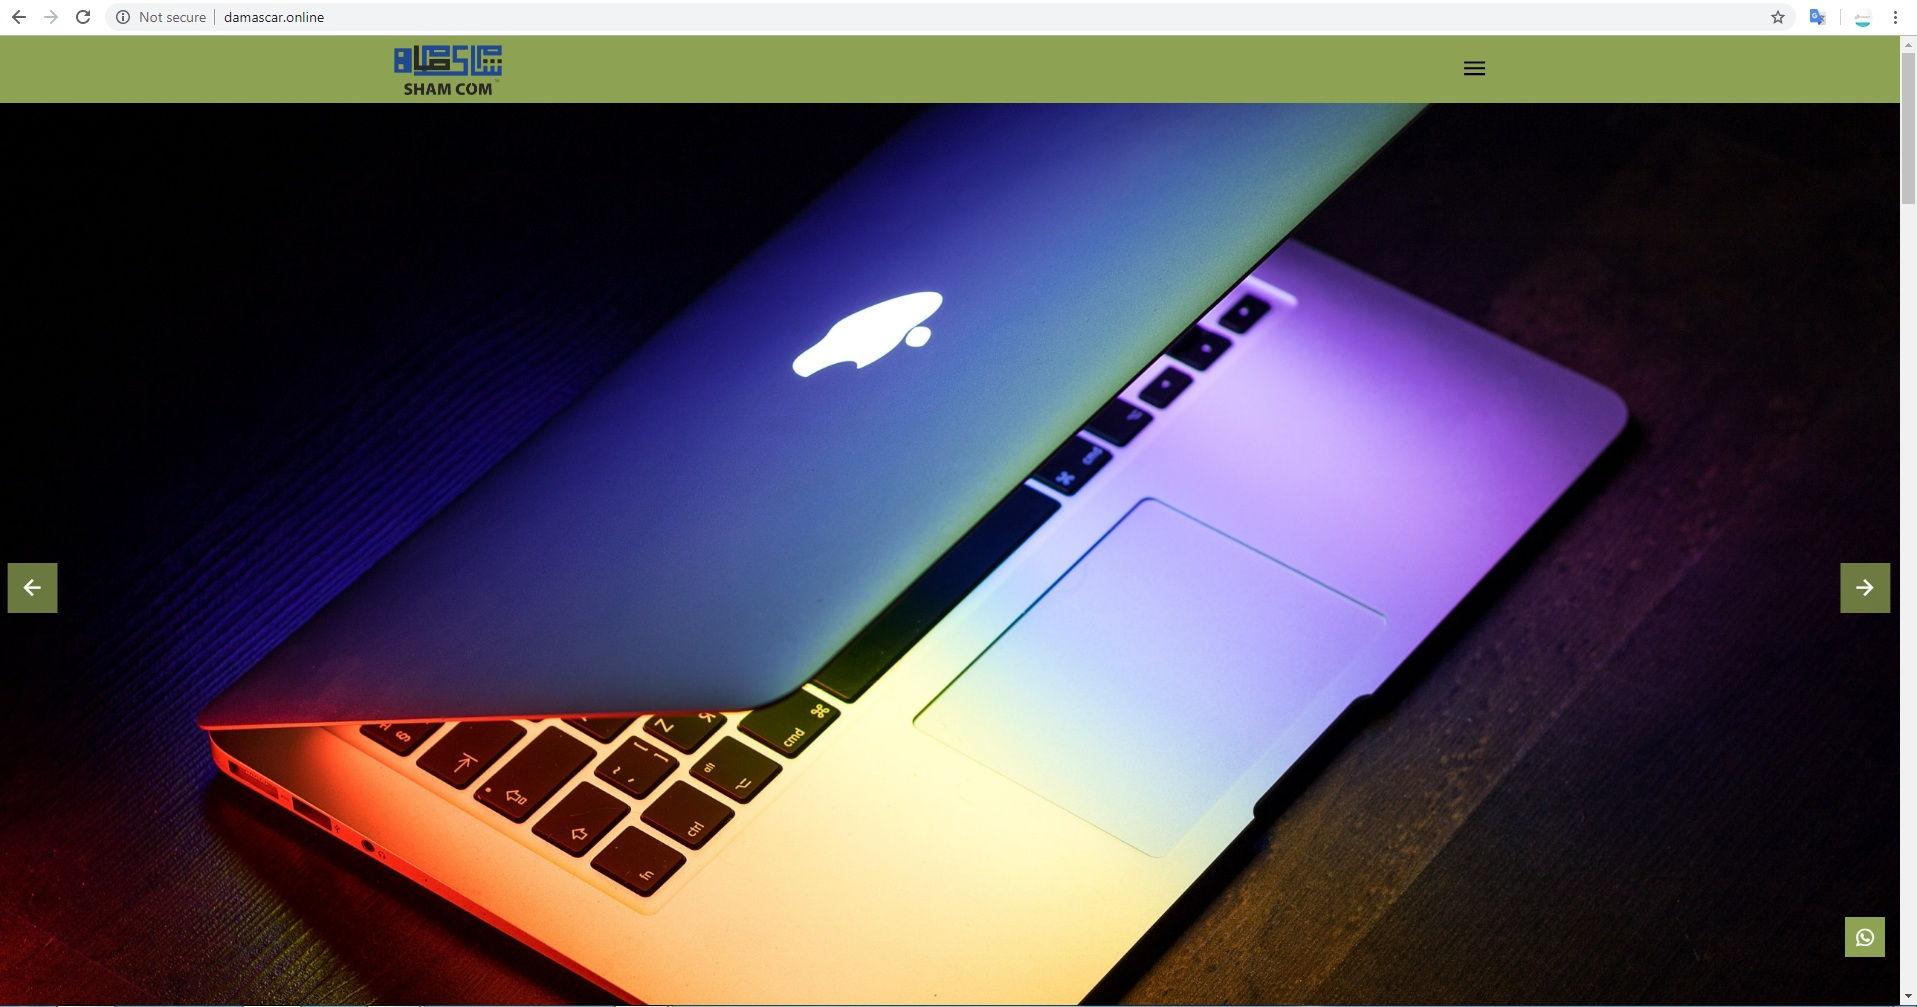 موقع شامل متغير كمبيوتر موديل 5 اشتراك برمجي